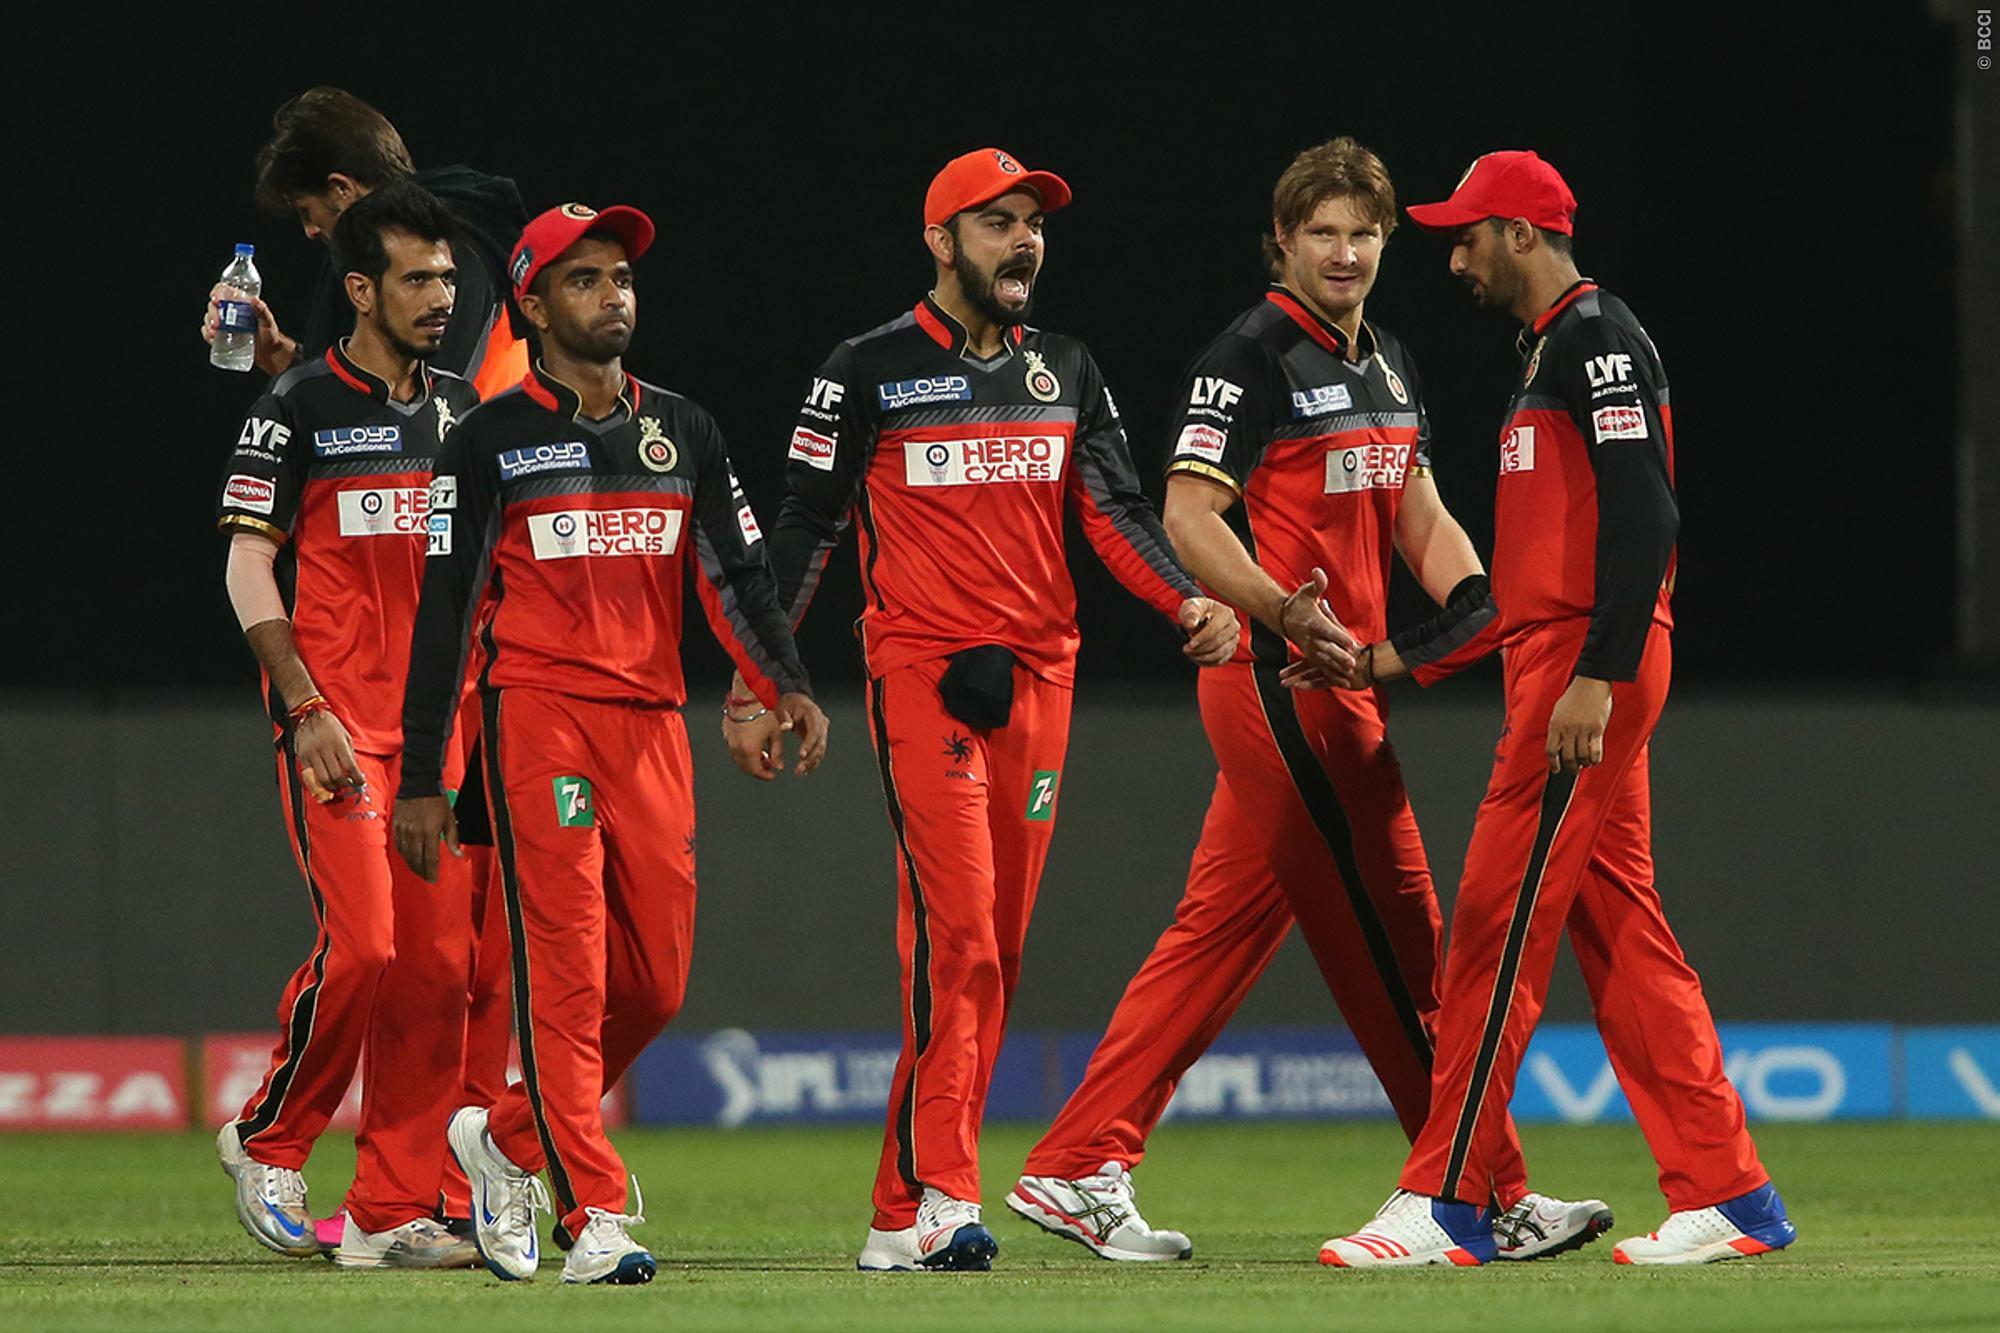 पार्थिव ने अपनी टीम का बचाव करते हुए इन्हें ठहराया चेन्नई के खिलाफ मिली हार का जिम्मेदार 1